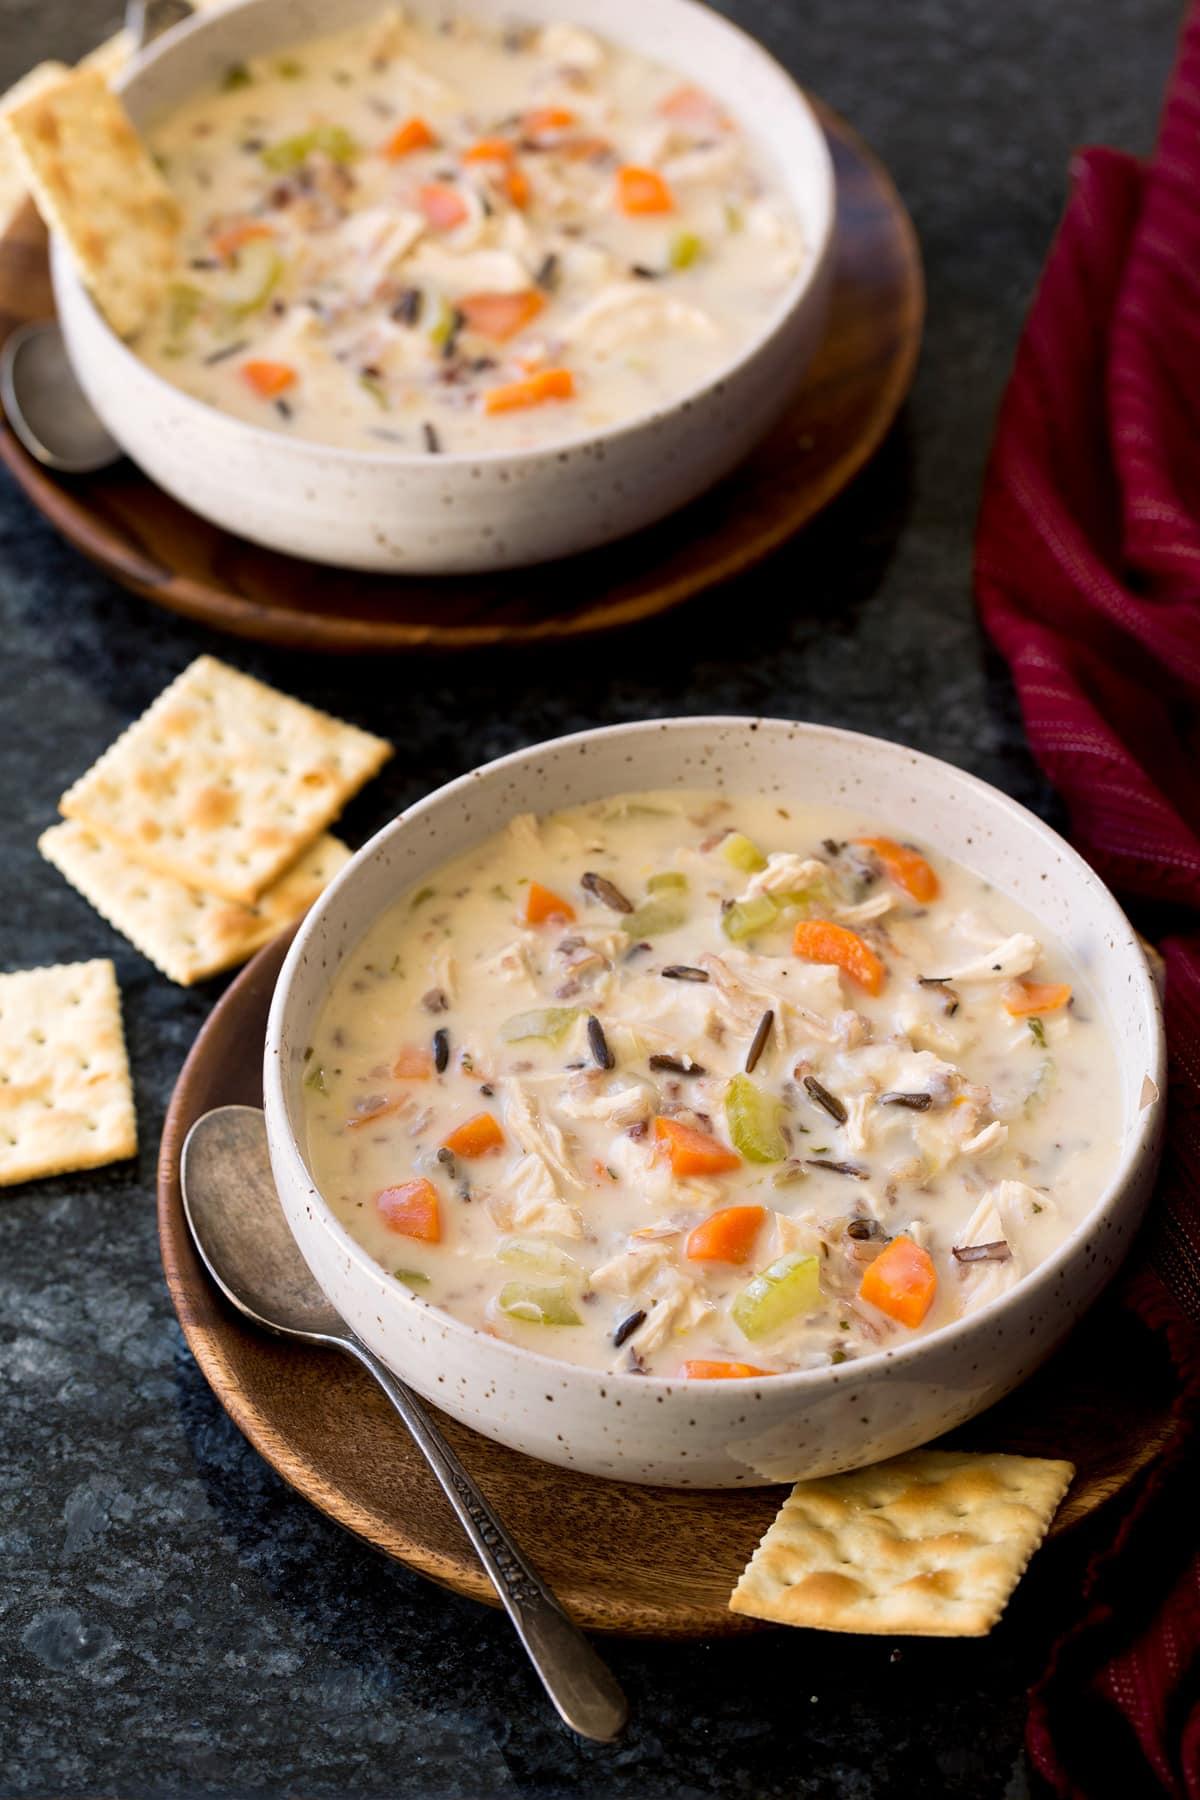 Dos porciones de sopa de pollo y arroz salvaje en platos hondos.